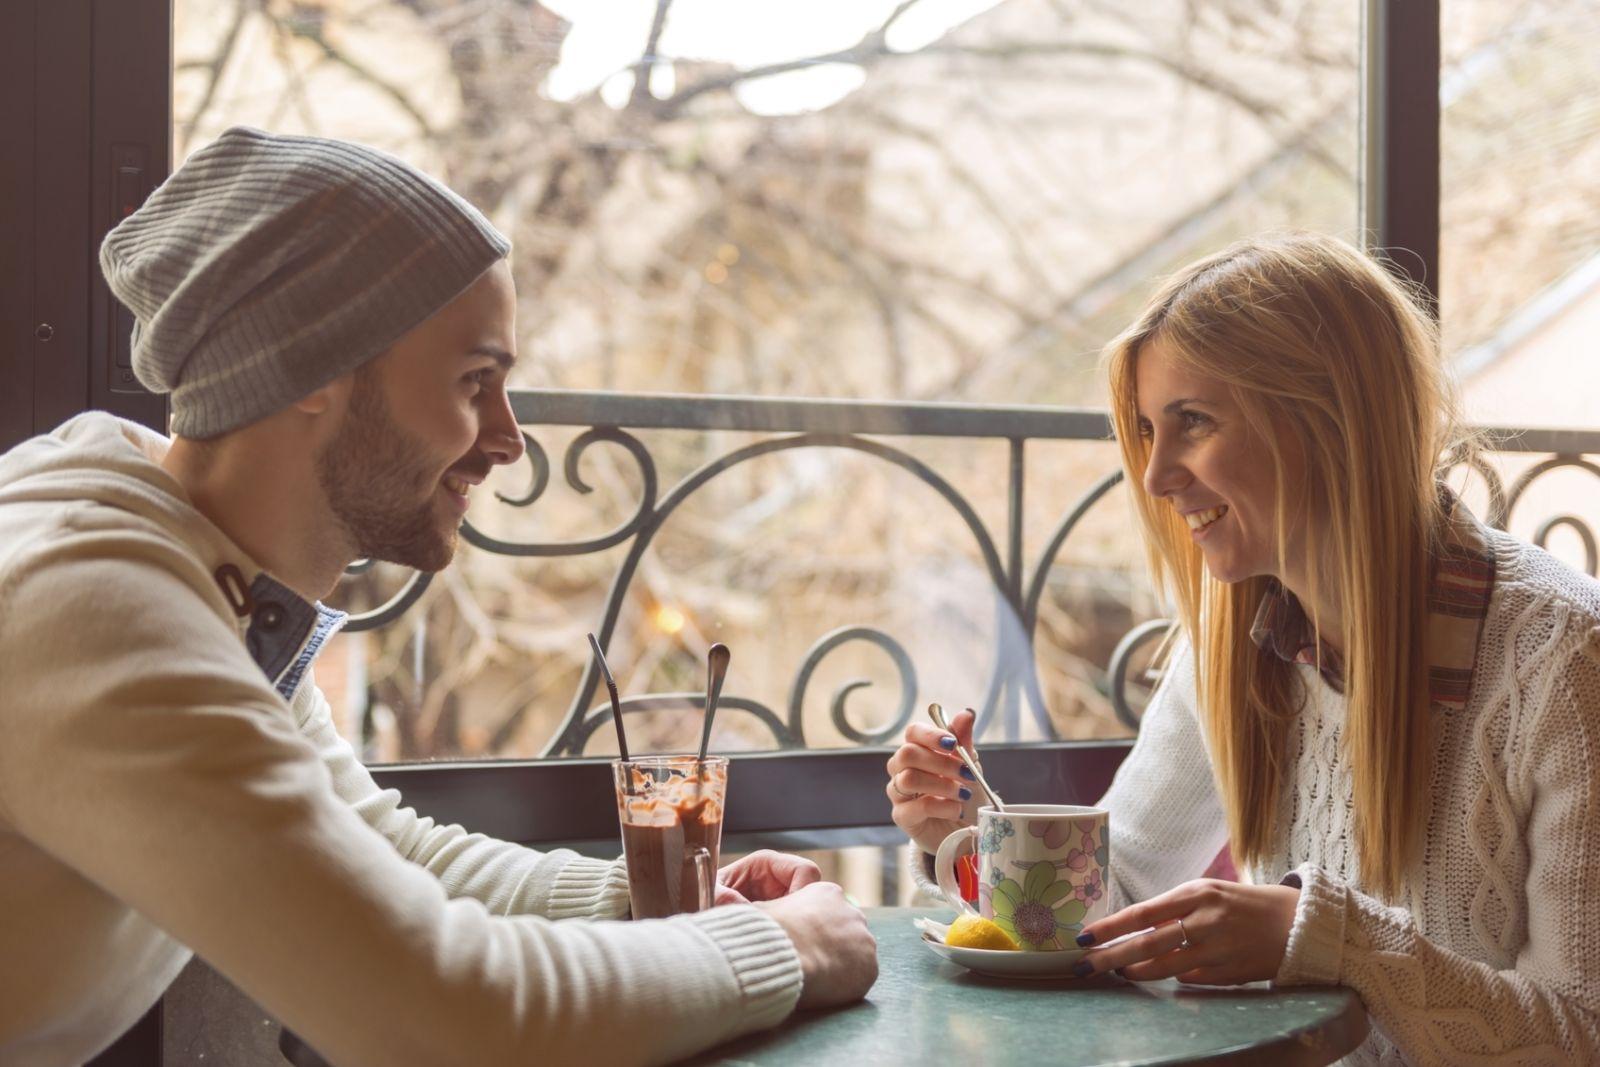 Wat te verwachten als je een introverte dating